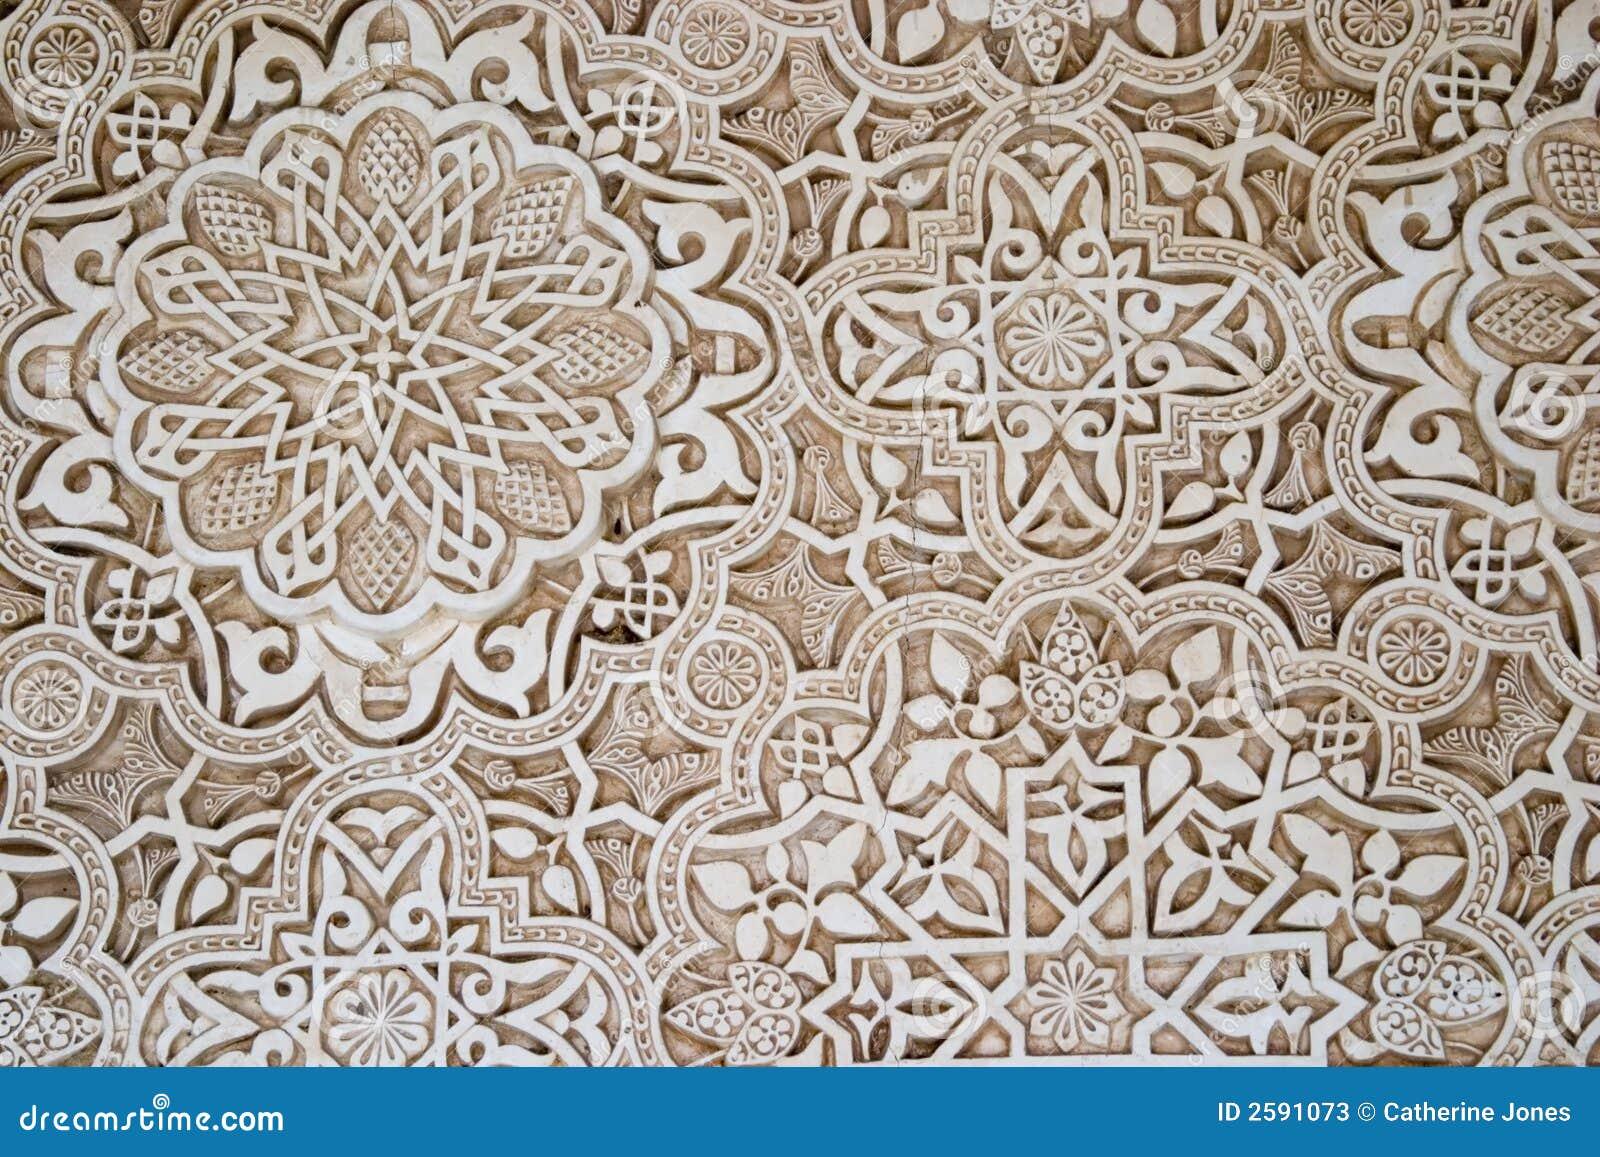 Islamitische kunst en architectuur